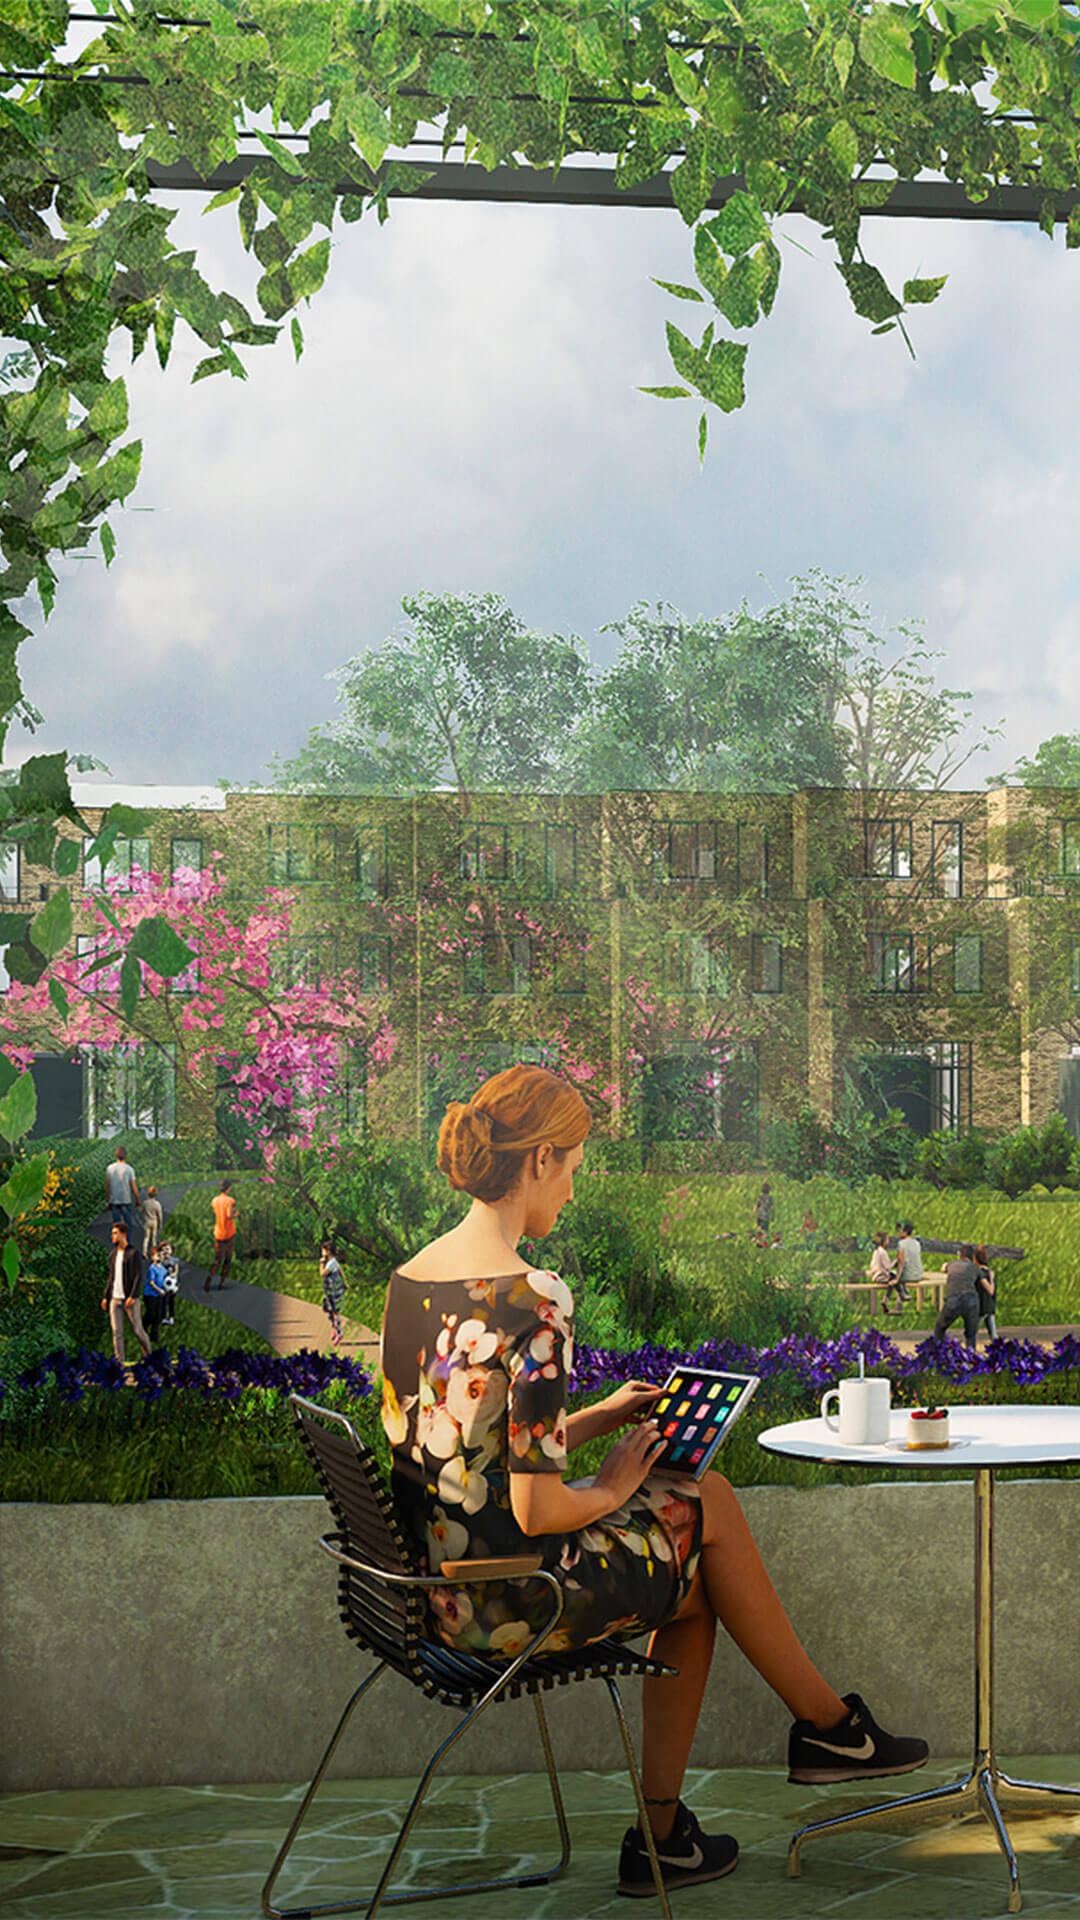 Nieuwbouw - Project - Tuinen van Genta - Project Binnenplaats